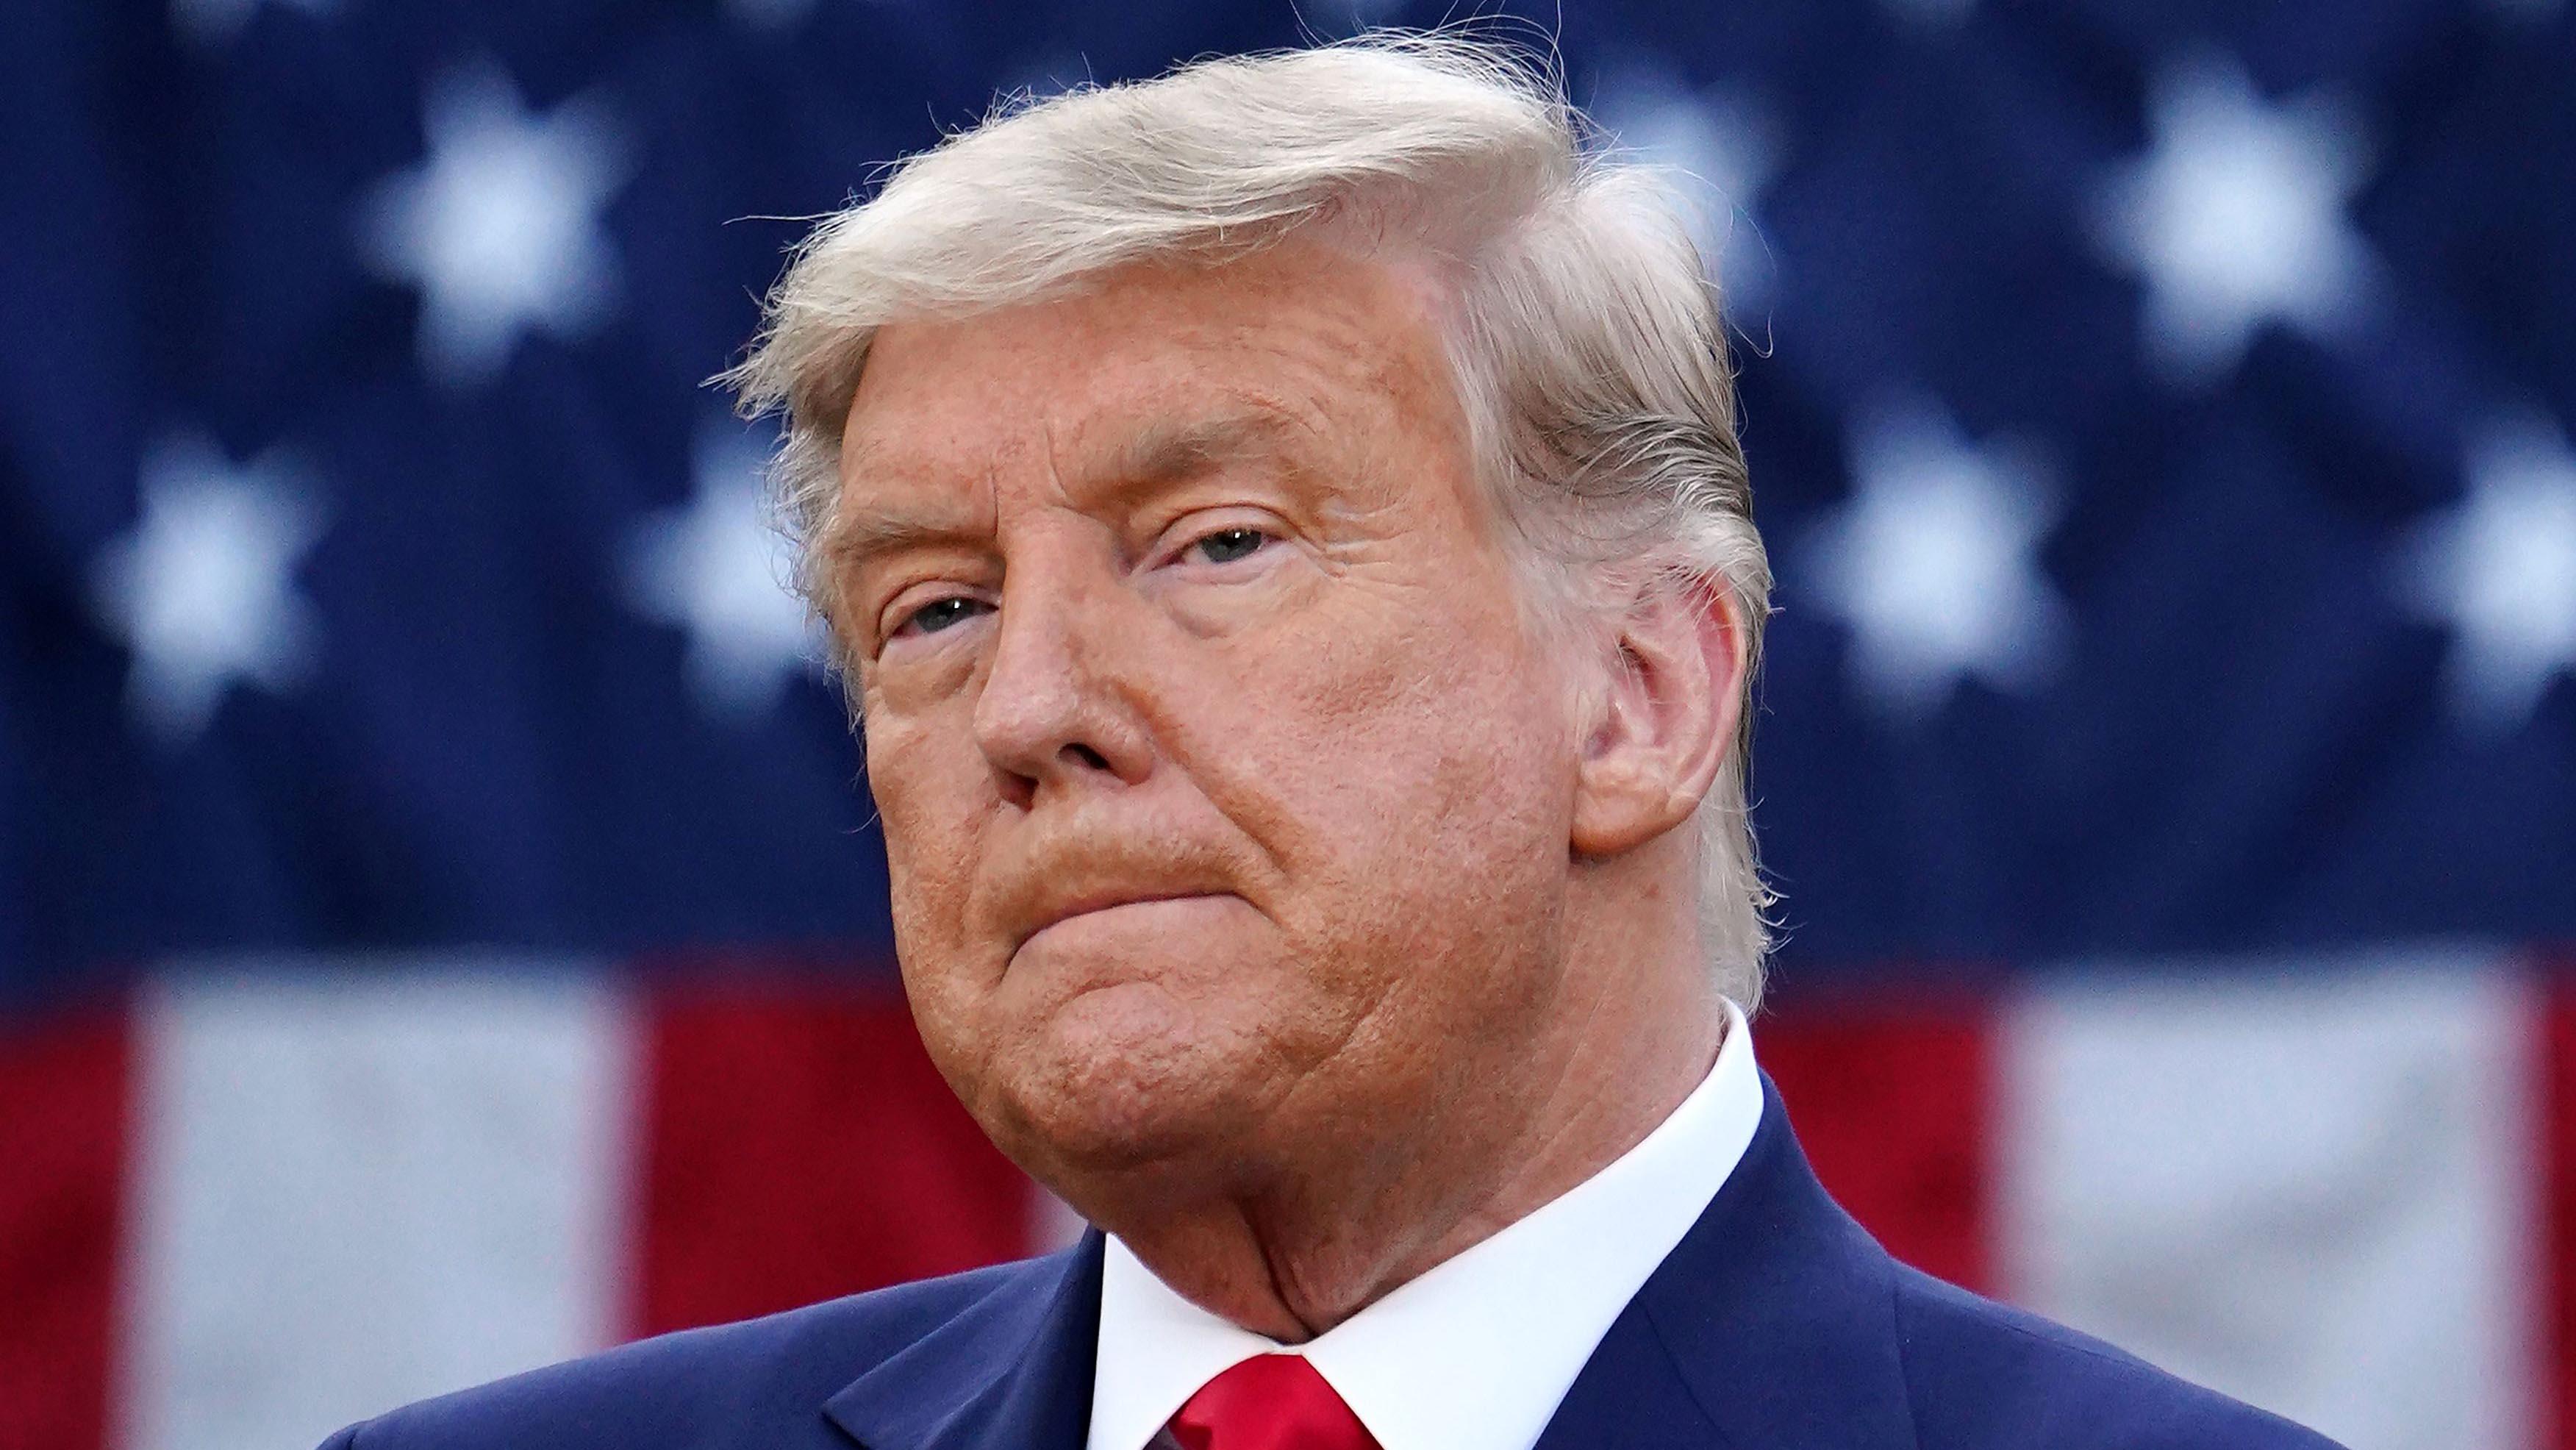 Nueva derrota para Trump: rechazan demanda contra el voto por correo en Pensilvania